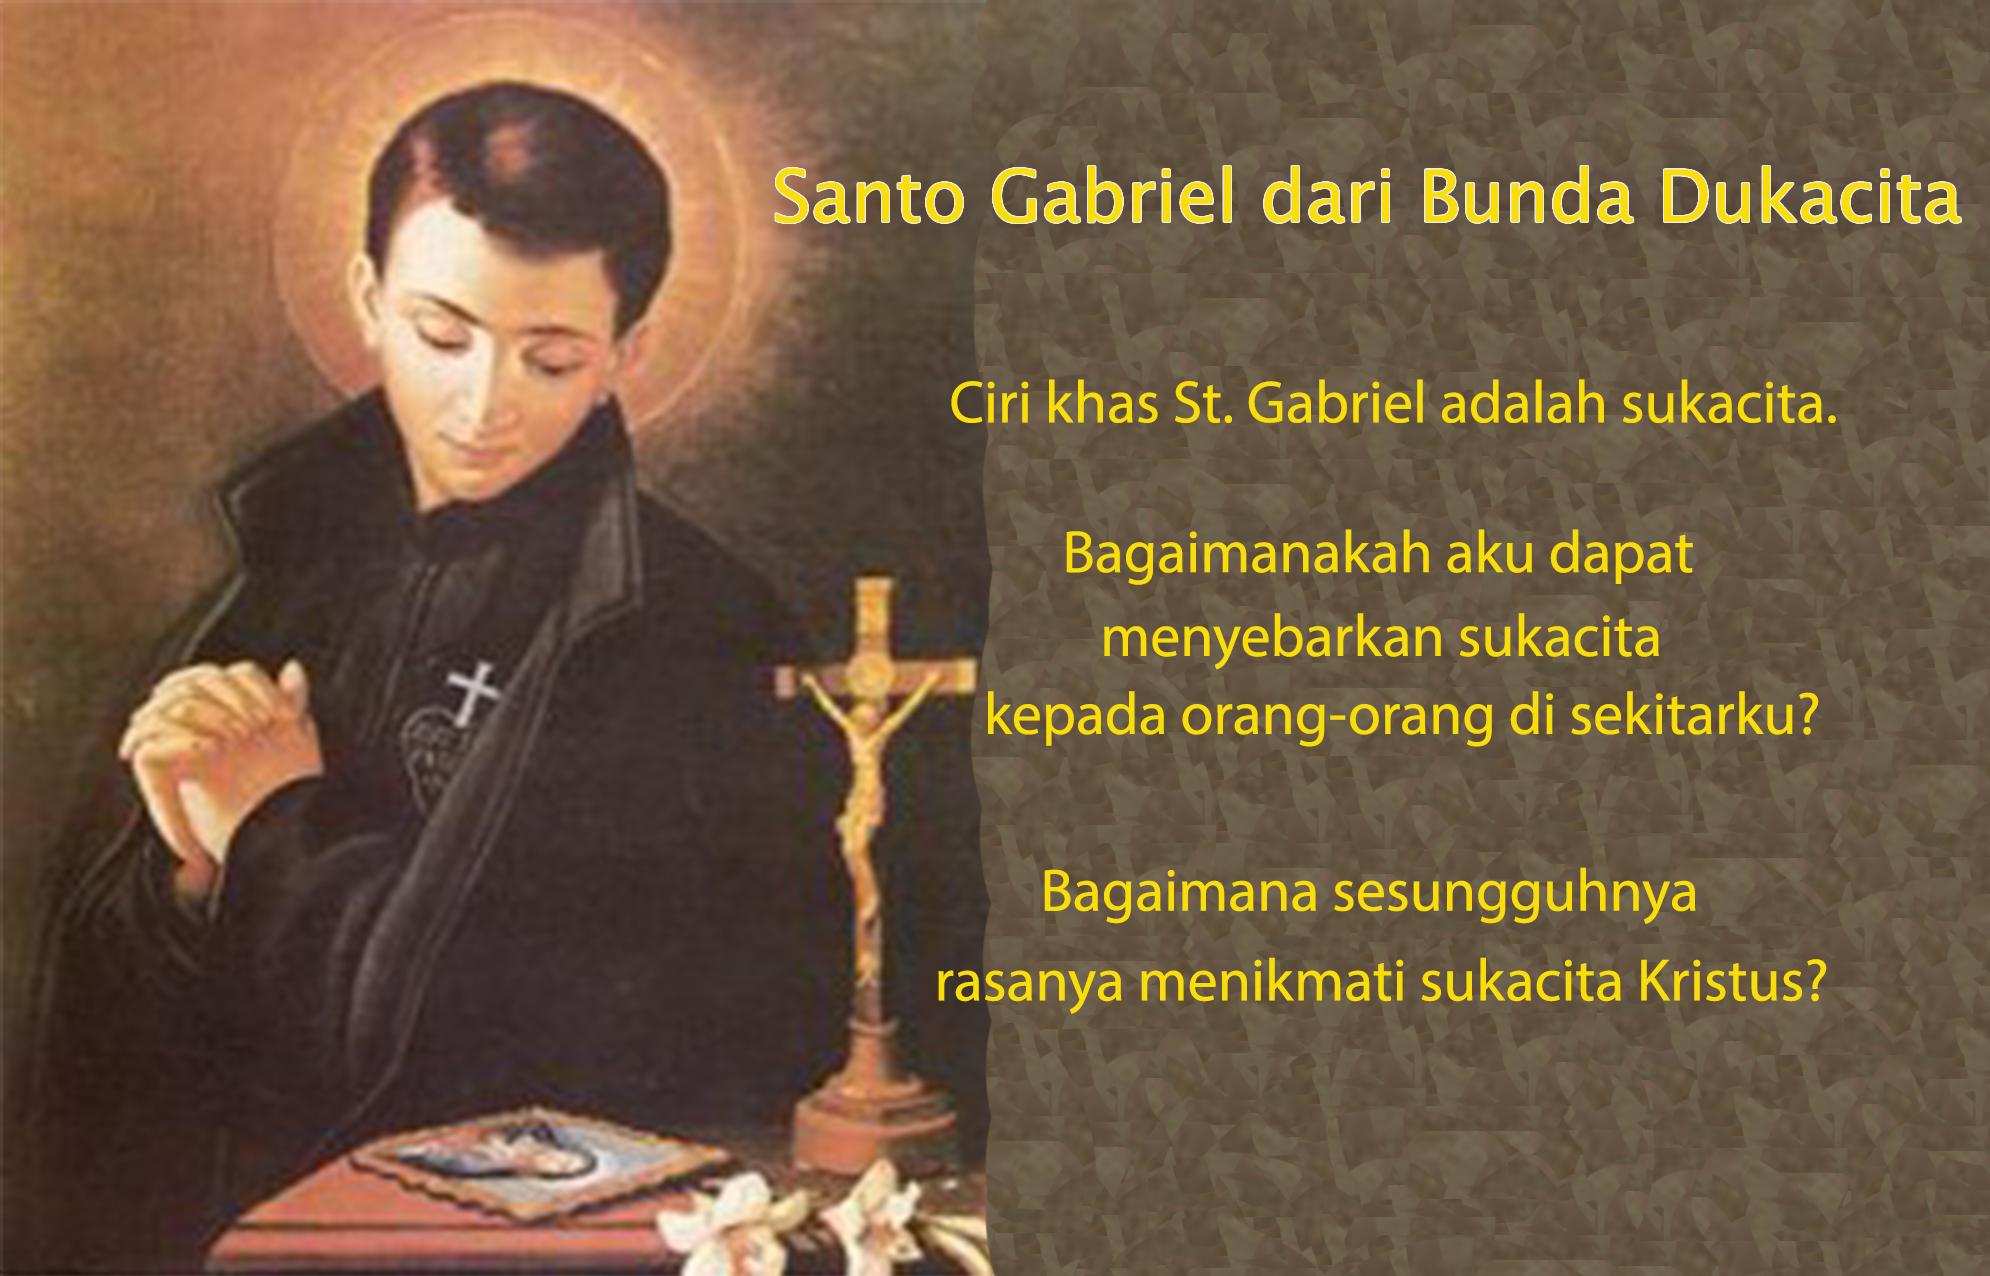 27 Februari, Santo Porphyrius, Santo Gabriel dari Bunda Dukacita, katekese, katolik, Komsos KWI, Konferensi Waligereja Indonesia, KWI, Para Kudus di Surga, putera allah, santo santa, Sukacita, teladan kita